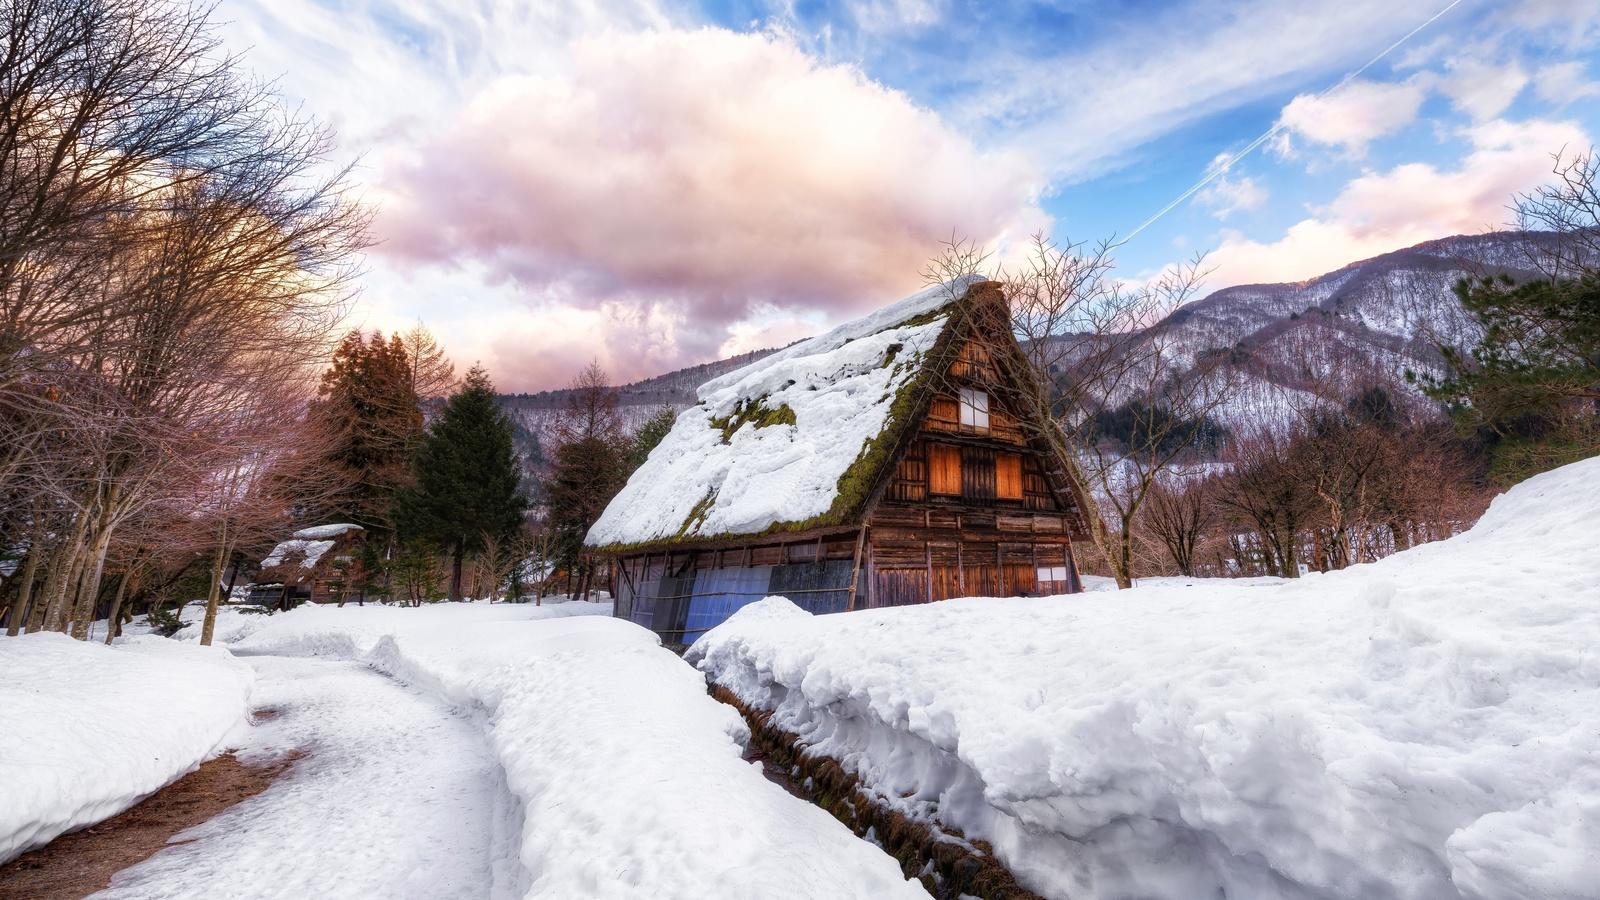 Япония, деревня, дом, густой снег, зима, деревья, облака